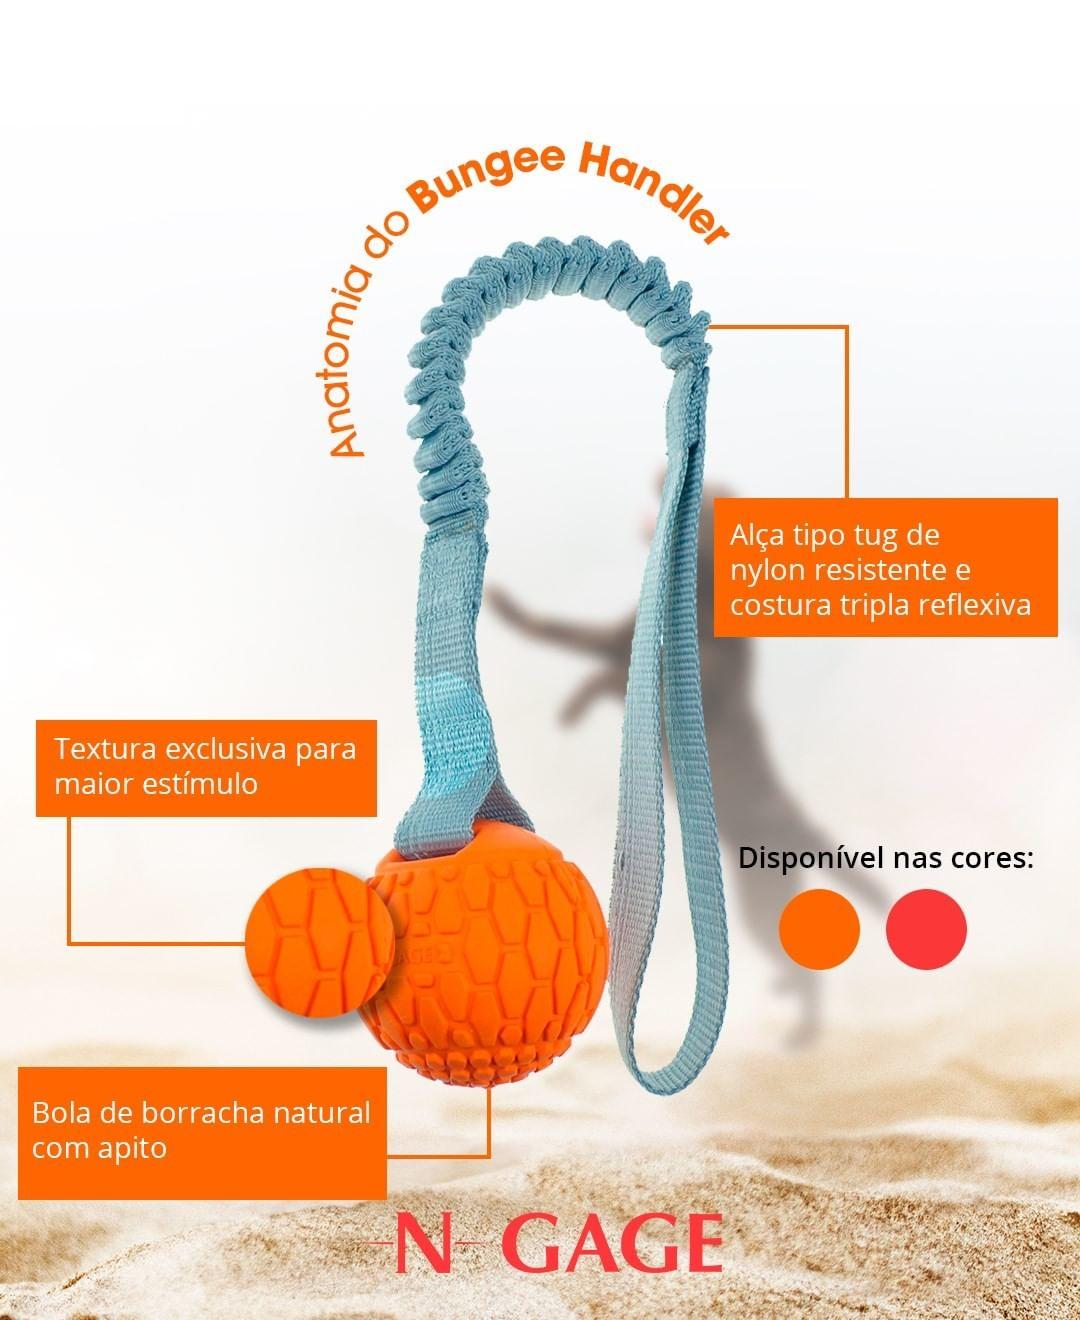 Bungee Handler - Brinquedo bolinha com alça/cabo de guerra/mordedor - N-Gage